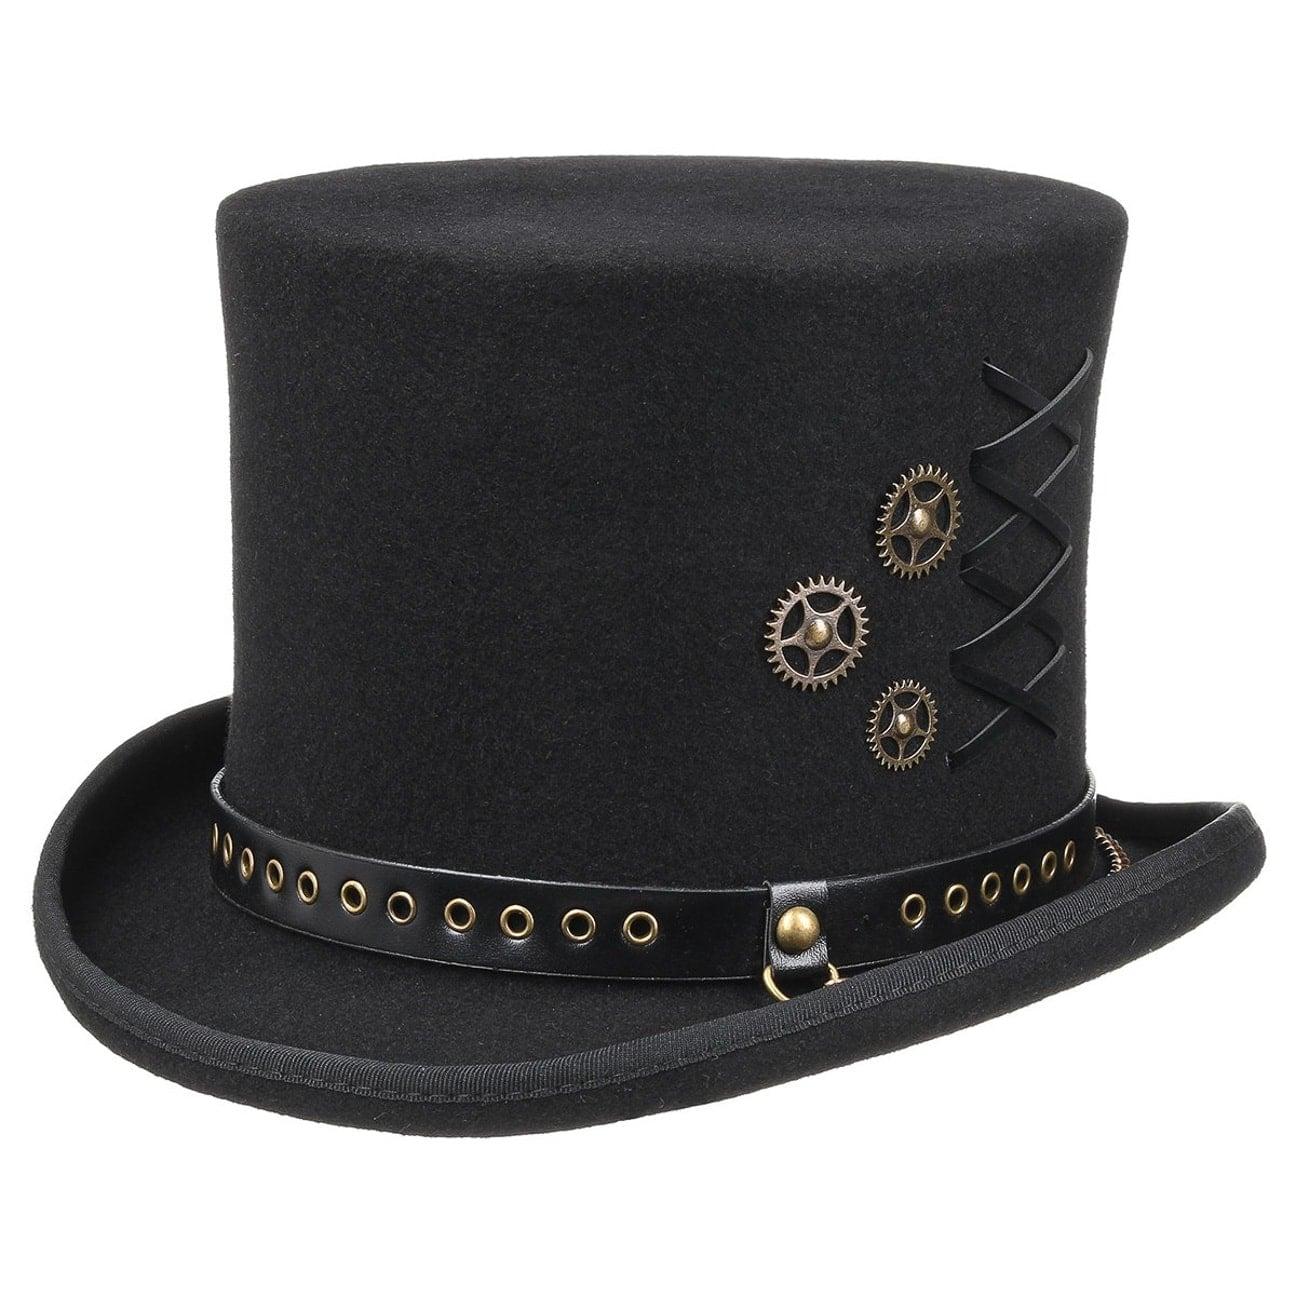 Sombrero Copa Lacing Steampunk by Conner  sombrero de hombre